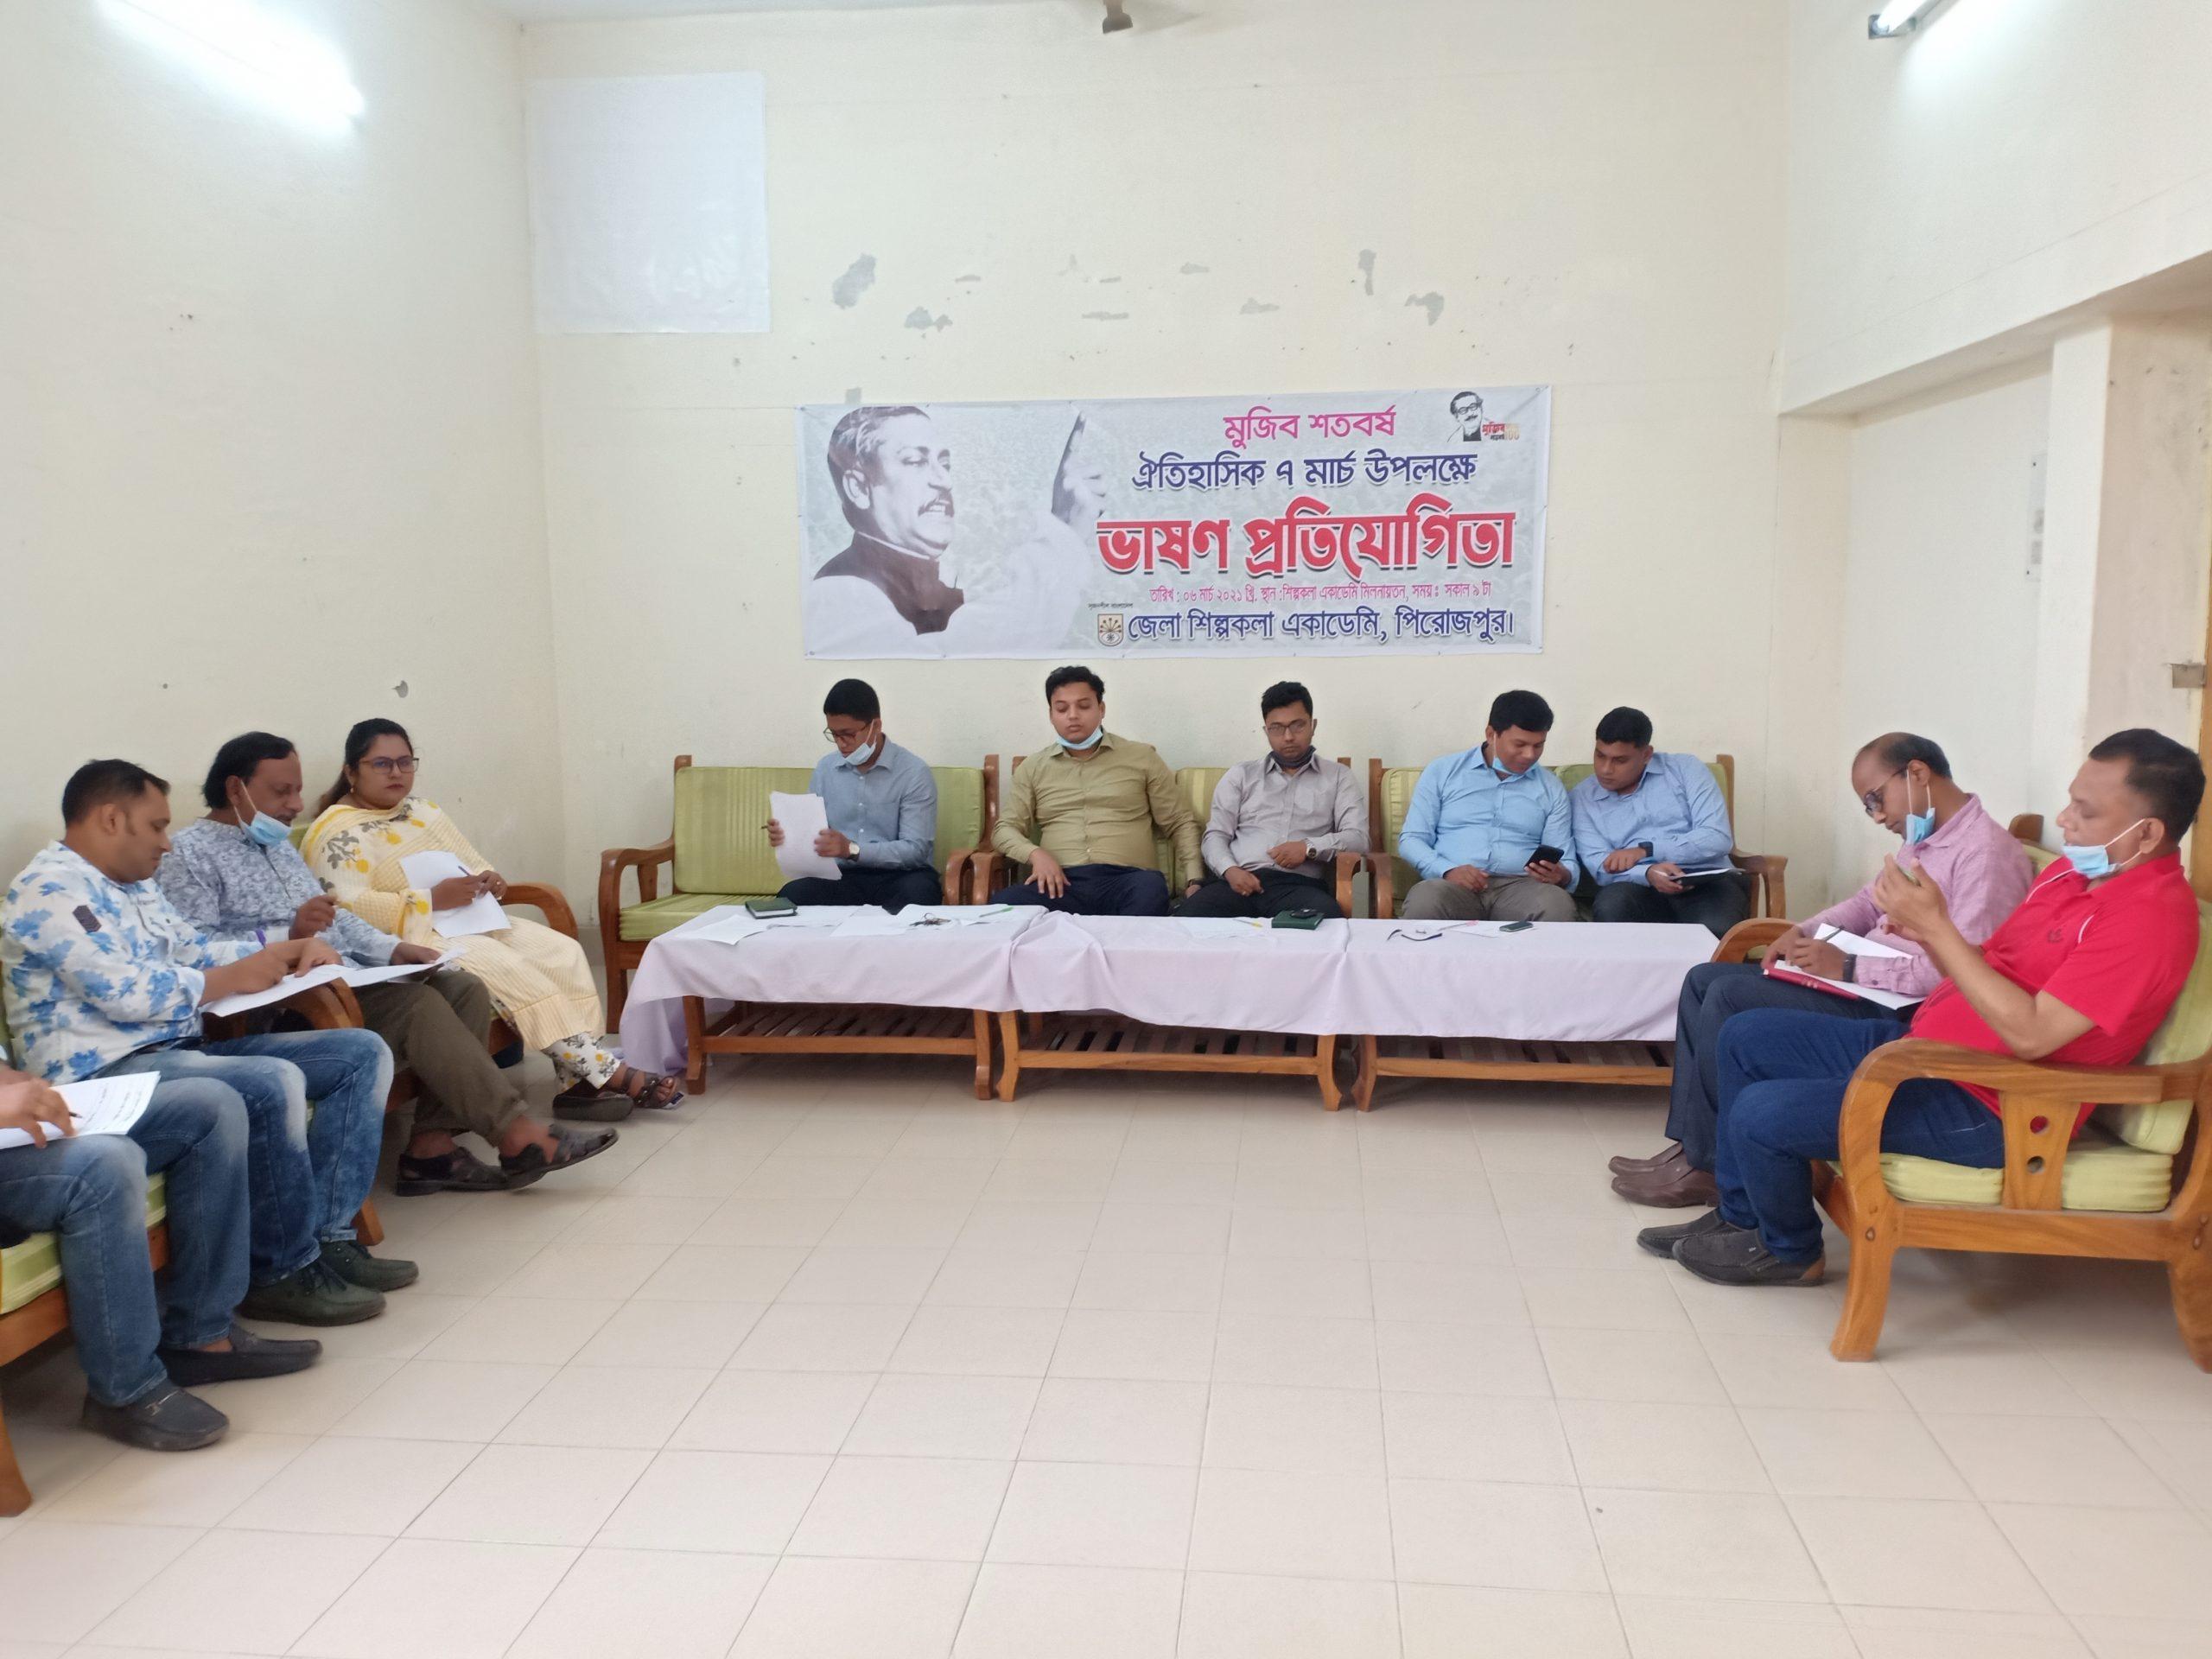 পিরোজপুরে মুজিব শতবর্ষে ঐতিহাসিক ৭ মার্চ উপলক্ষে বঙ্গবন্ধু শেখ মুজিবুর রহমানের ভাষণ প্রতিযোগীতা অনুষ্ঠিত